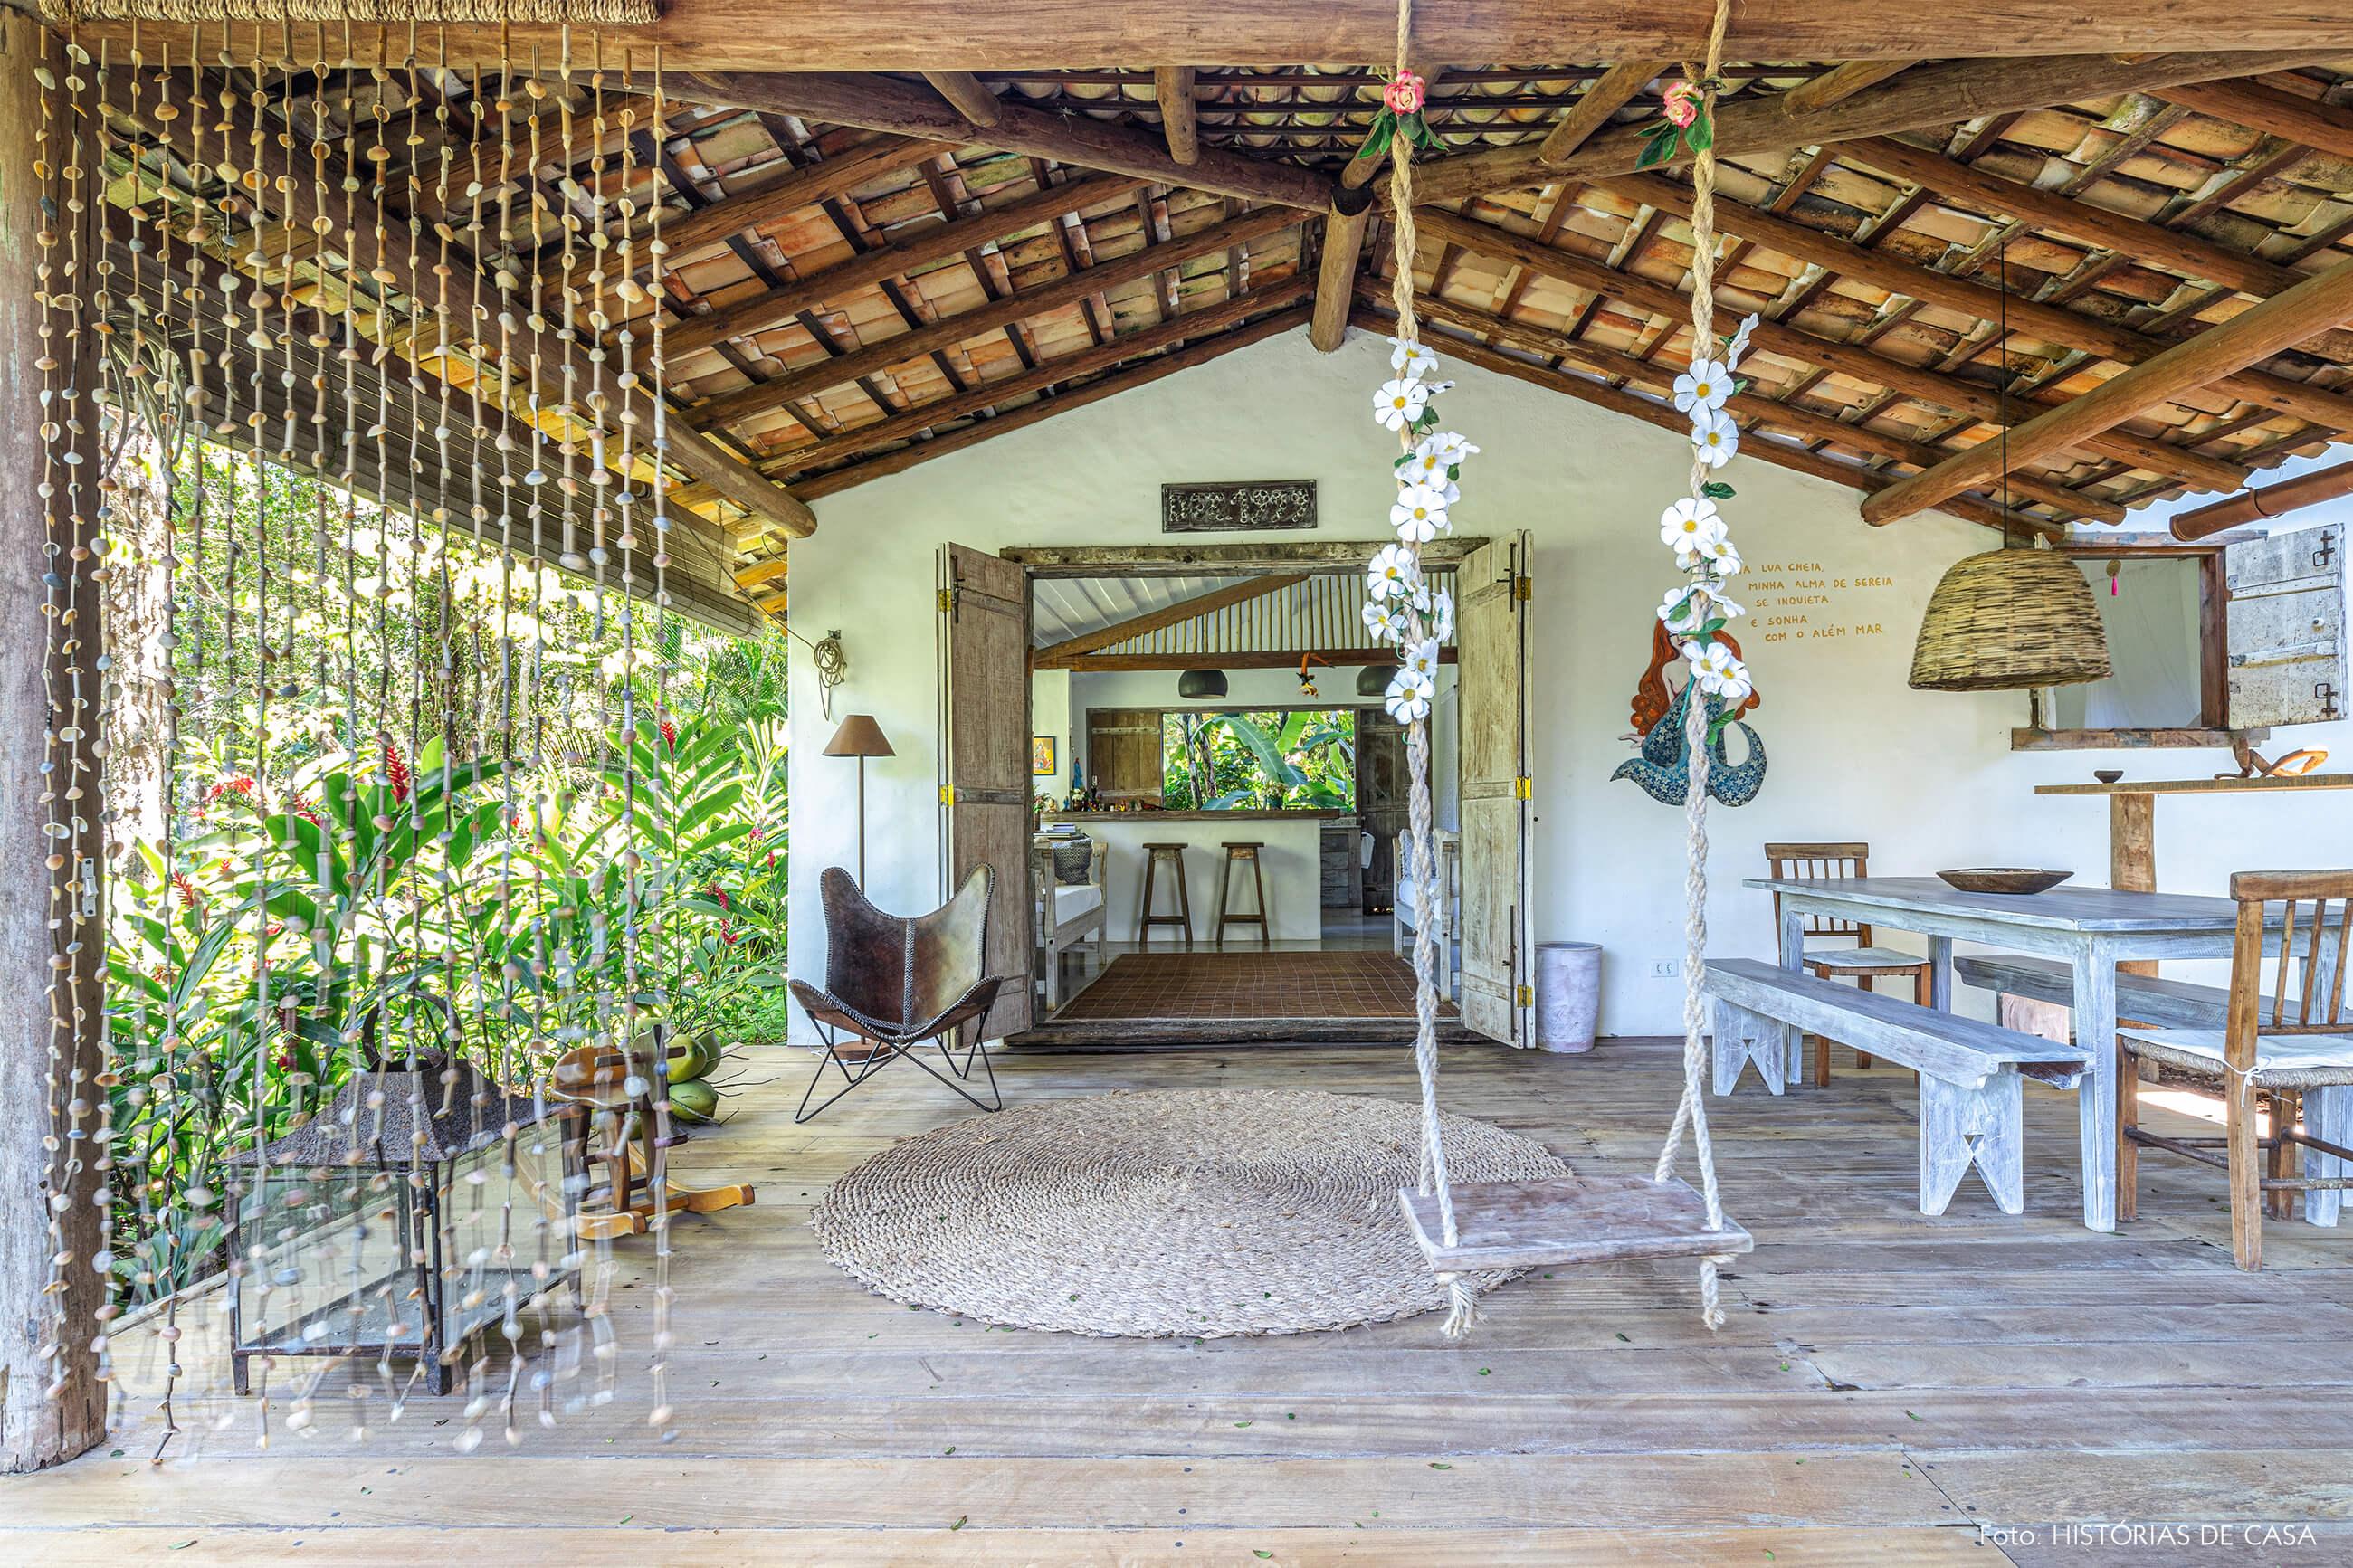 entrada-casa-rustica-com-balanço-e-moveis-de-madeira